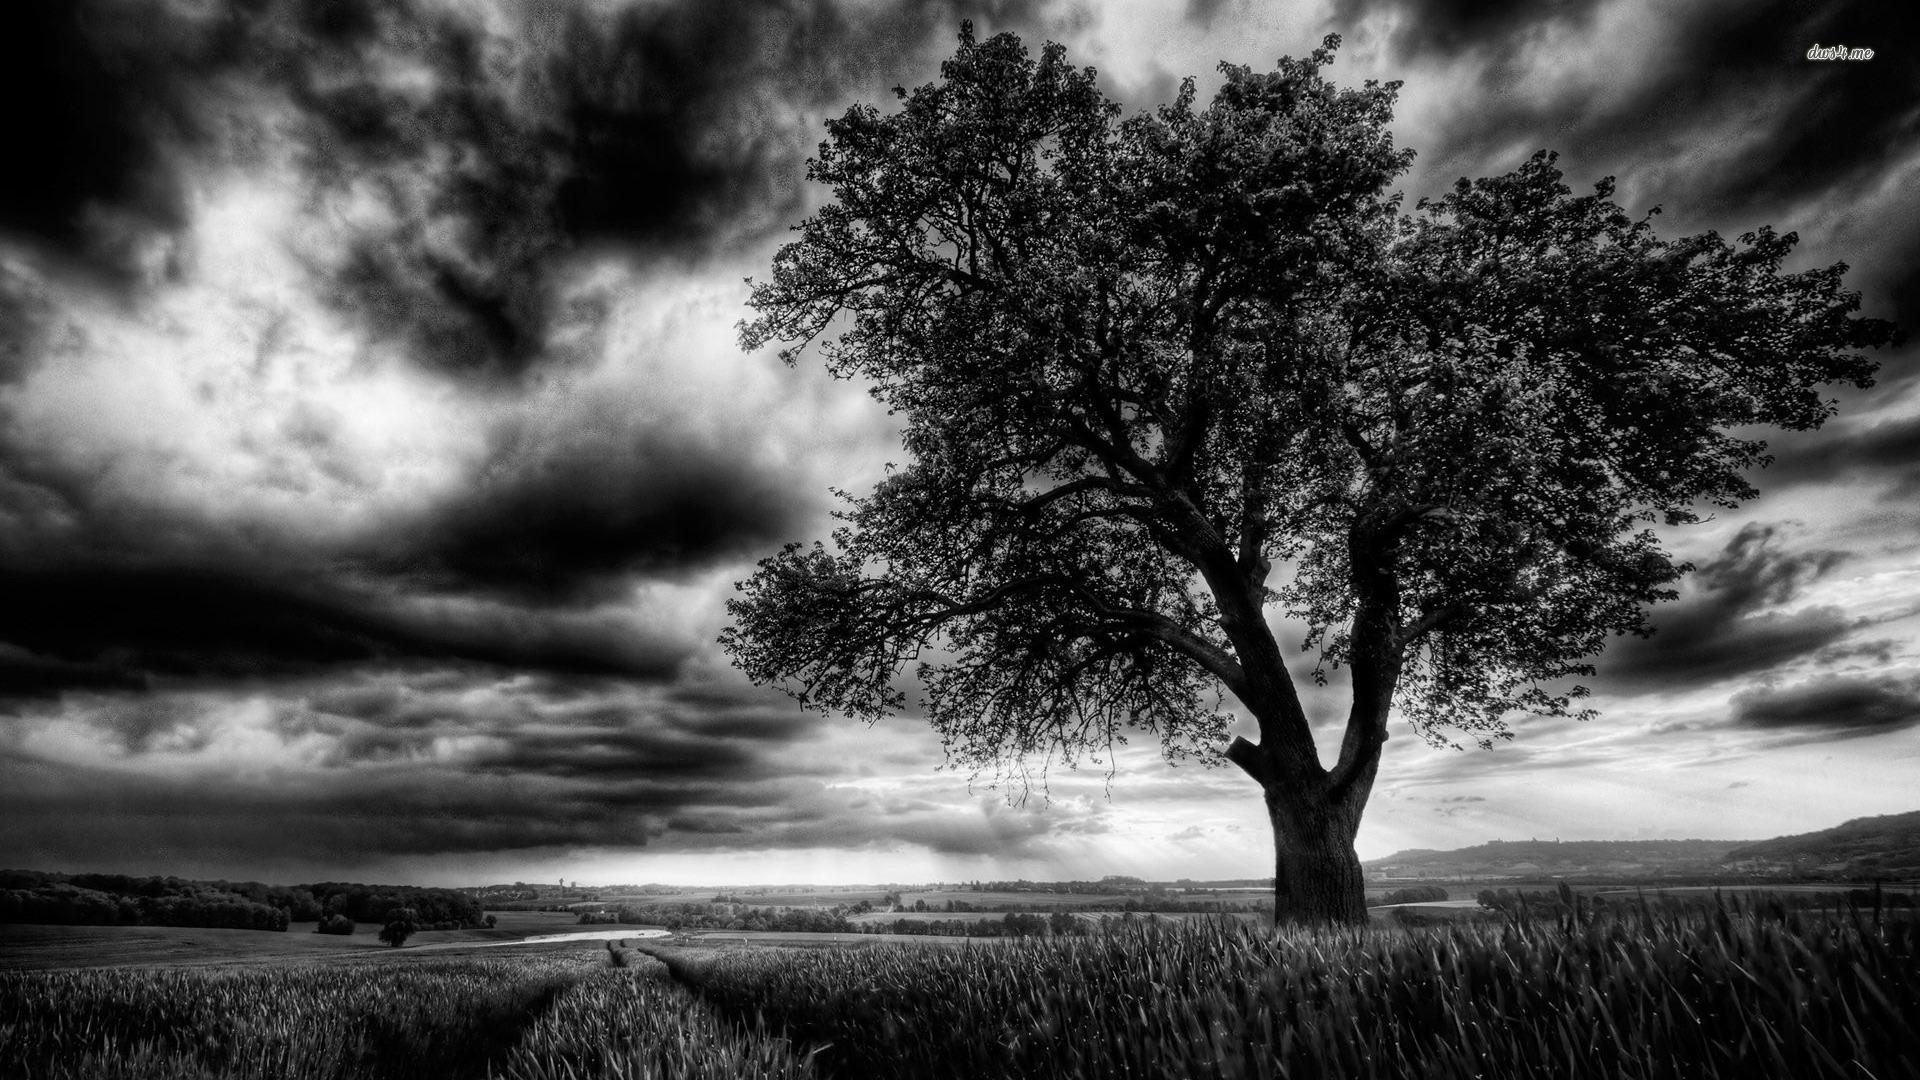 Dark Tree On The Field Wallpaper - Dark Tree Wallpaper Hd , HD Wallpaper & Backgrounds